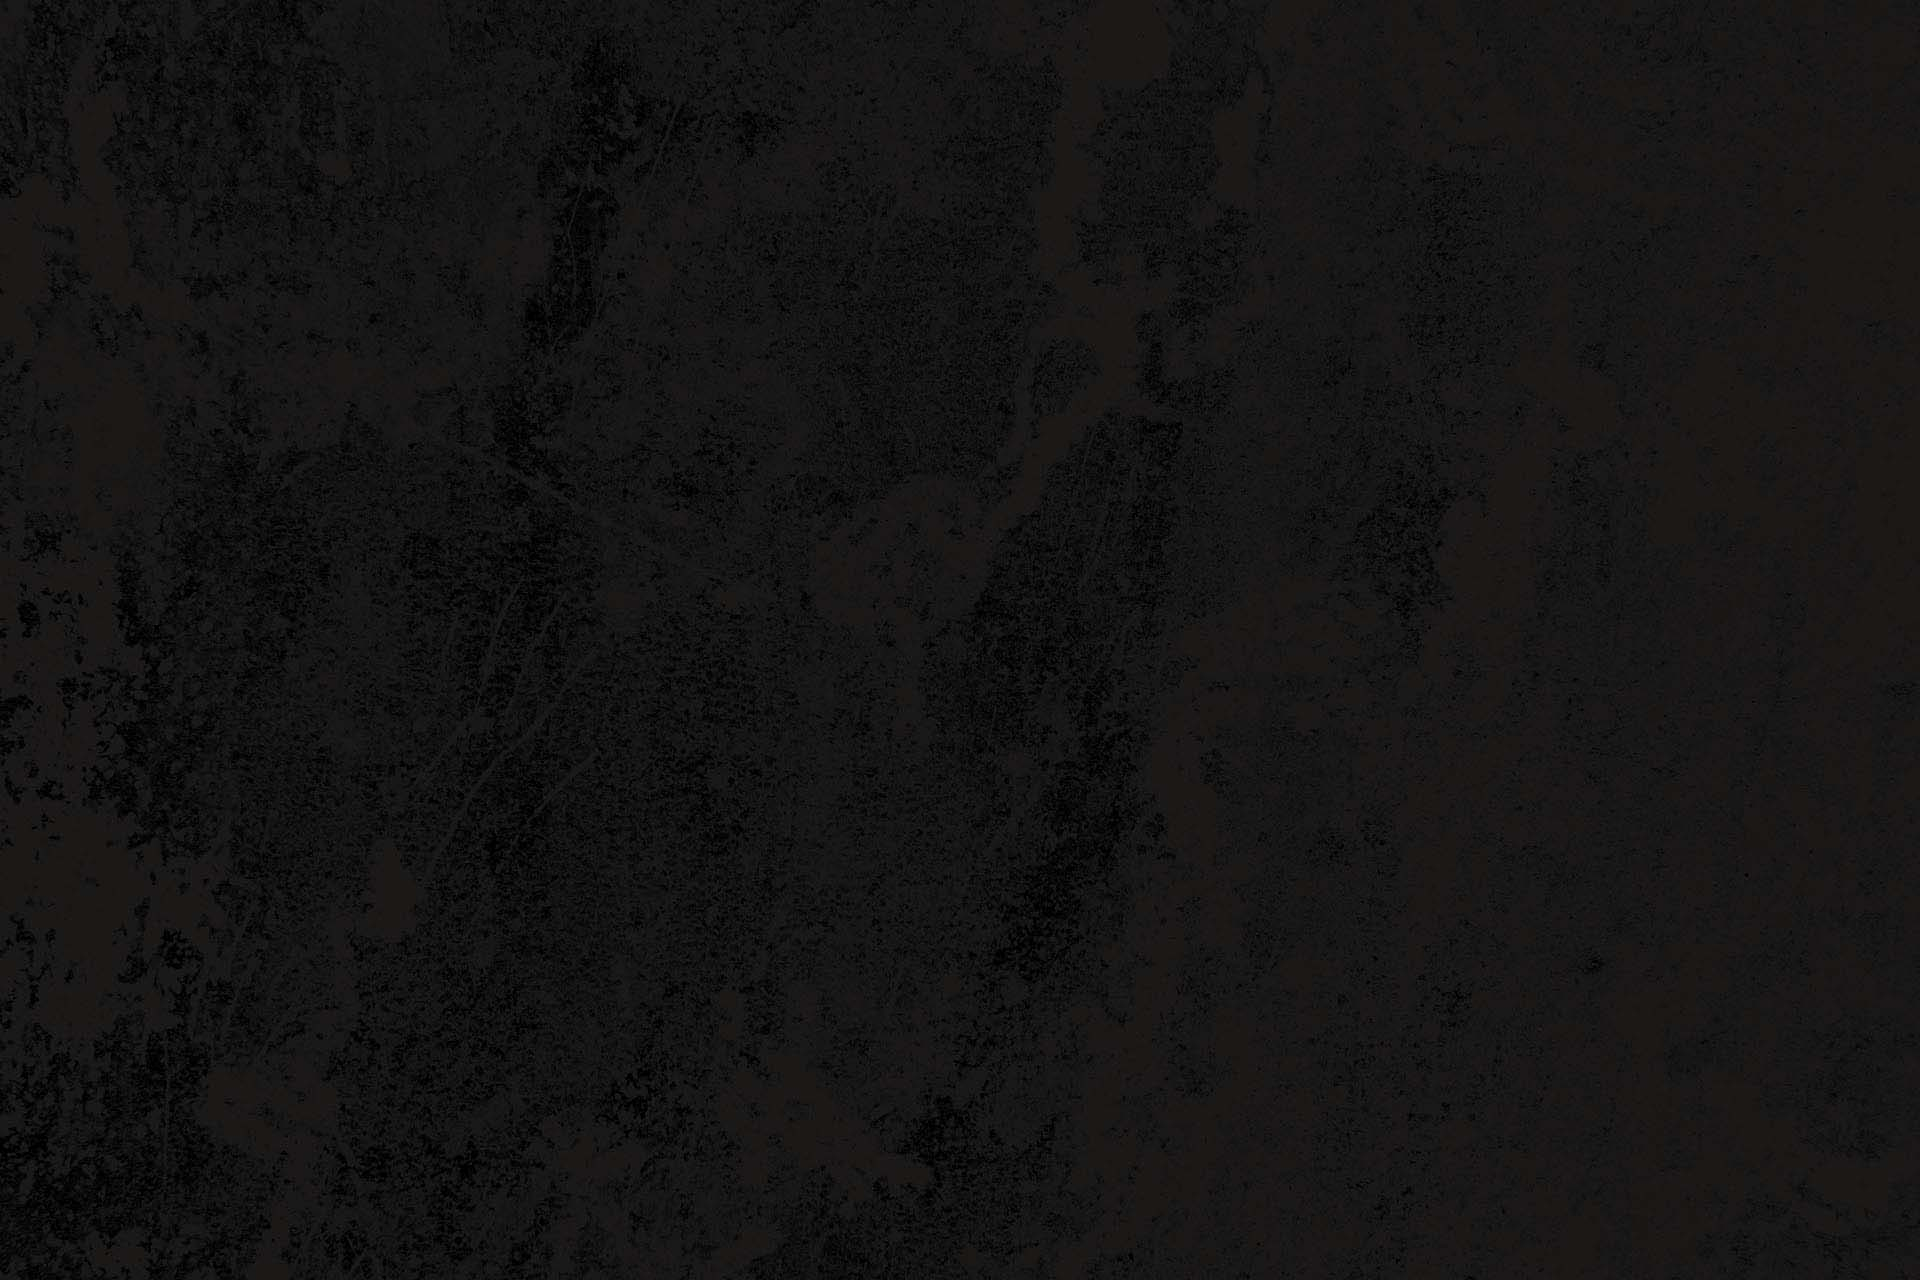 background_dark